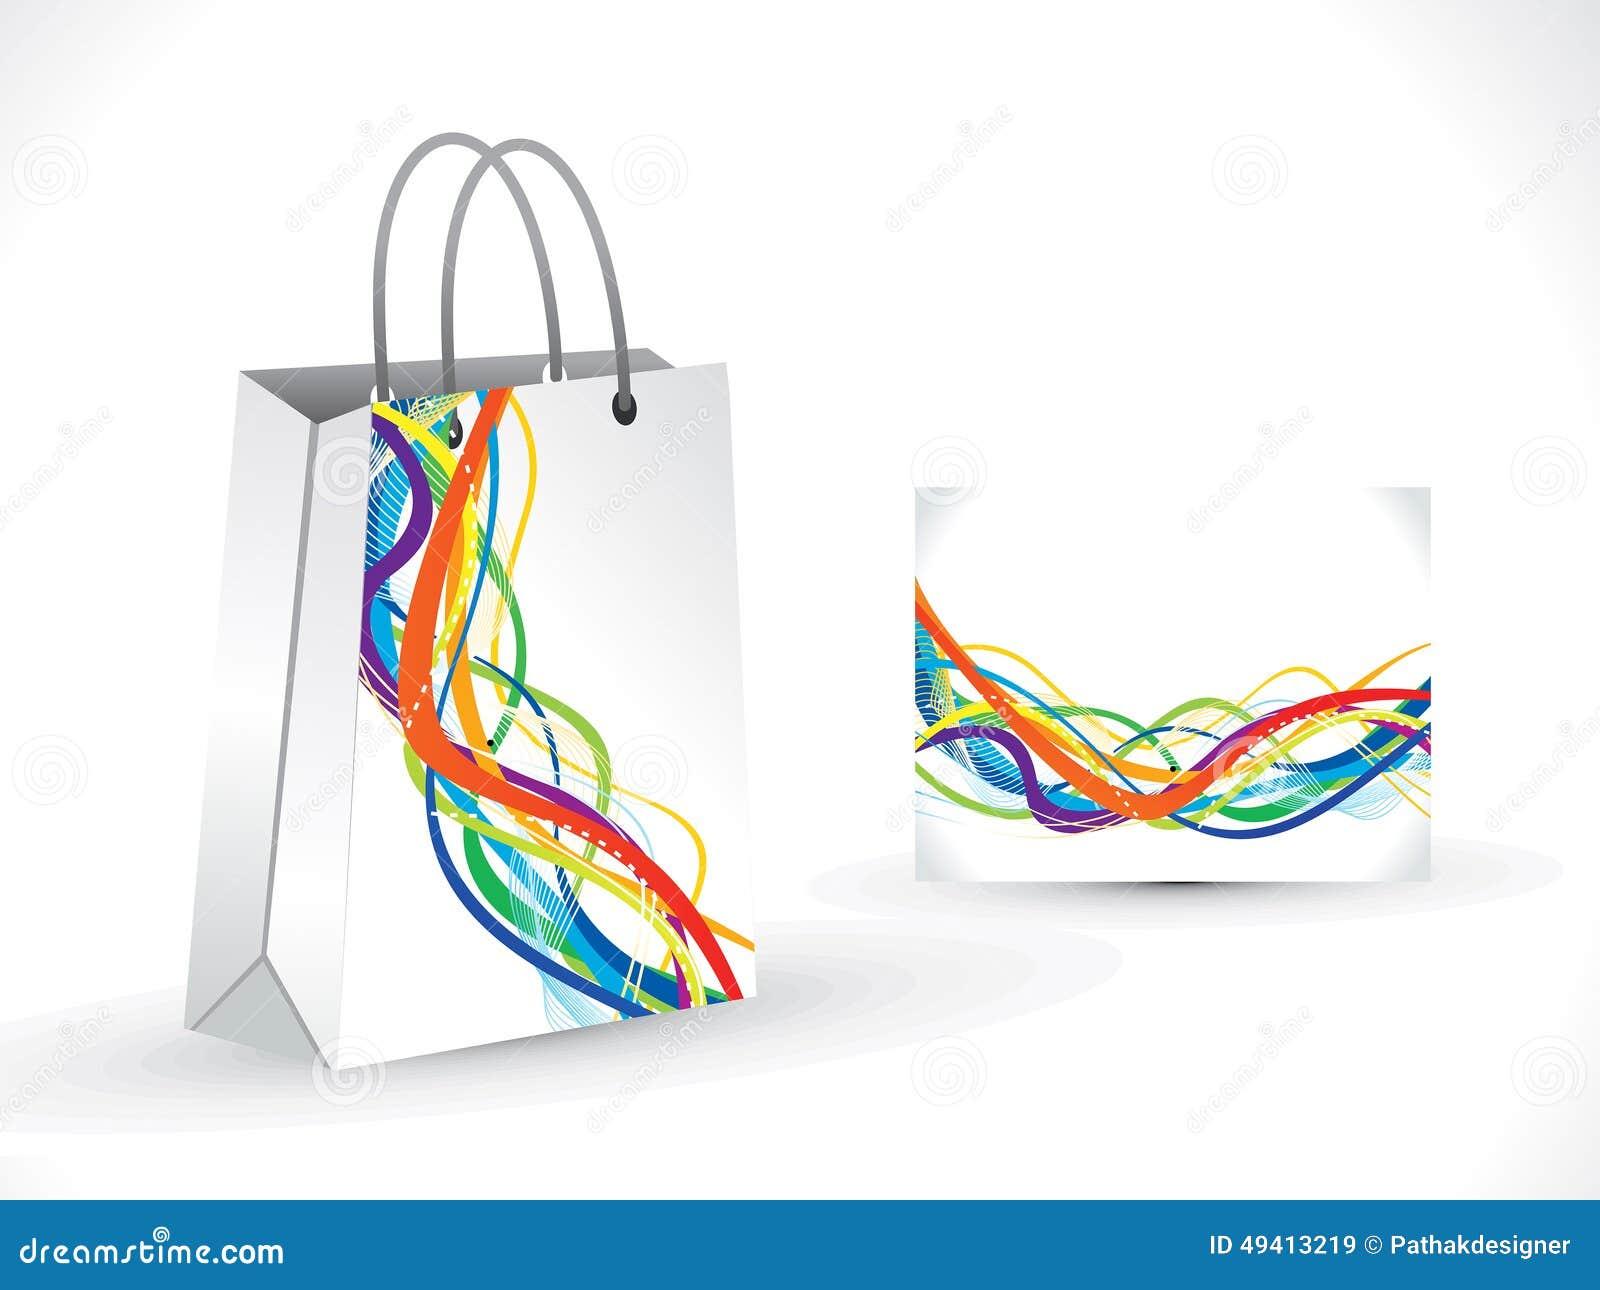 Download Abstrakte Künstlerische Einkaufstasche Vektor Abbildung - Illustration von einkaufen, wegwerfbar: 49413219